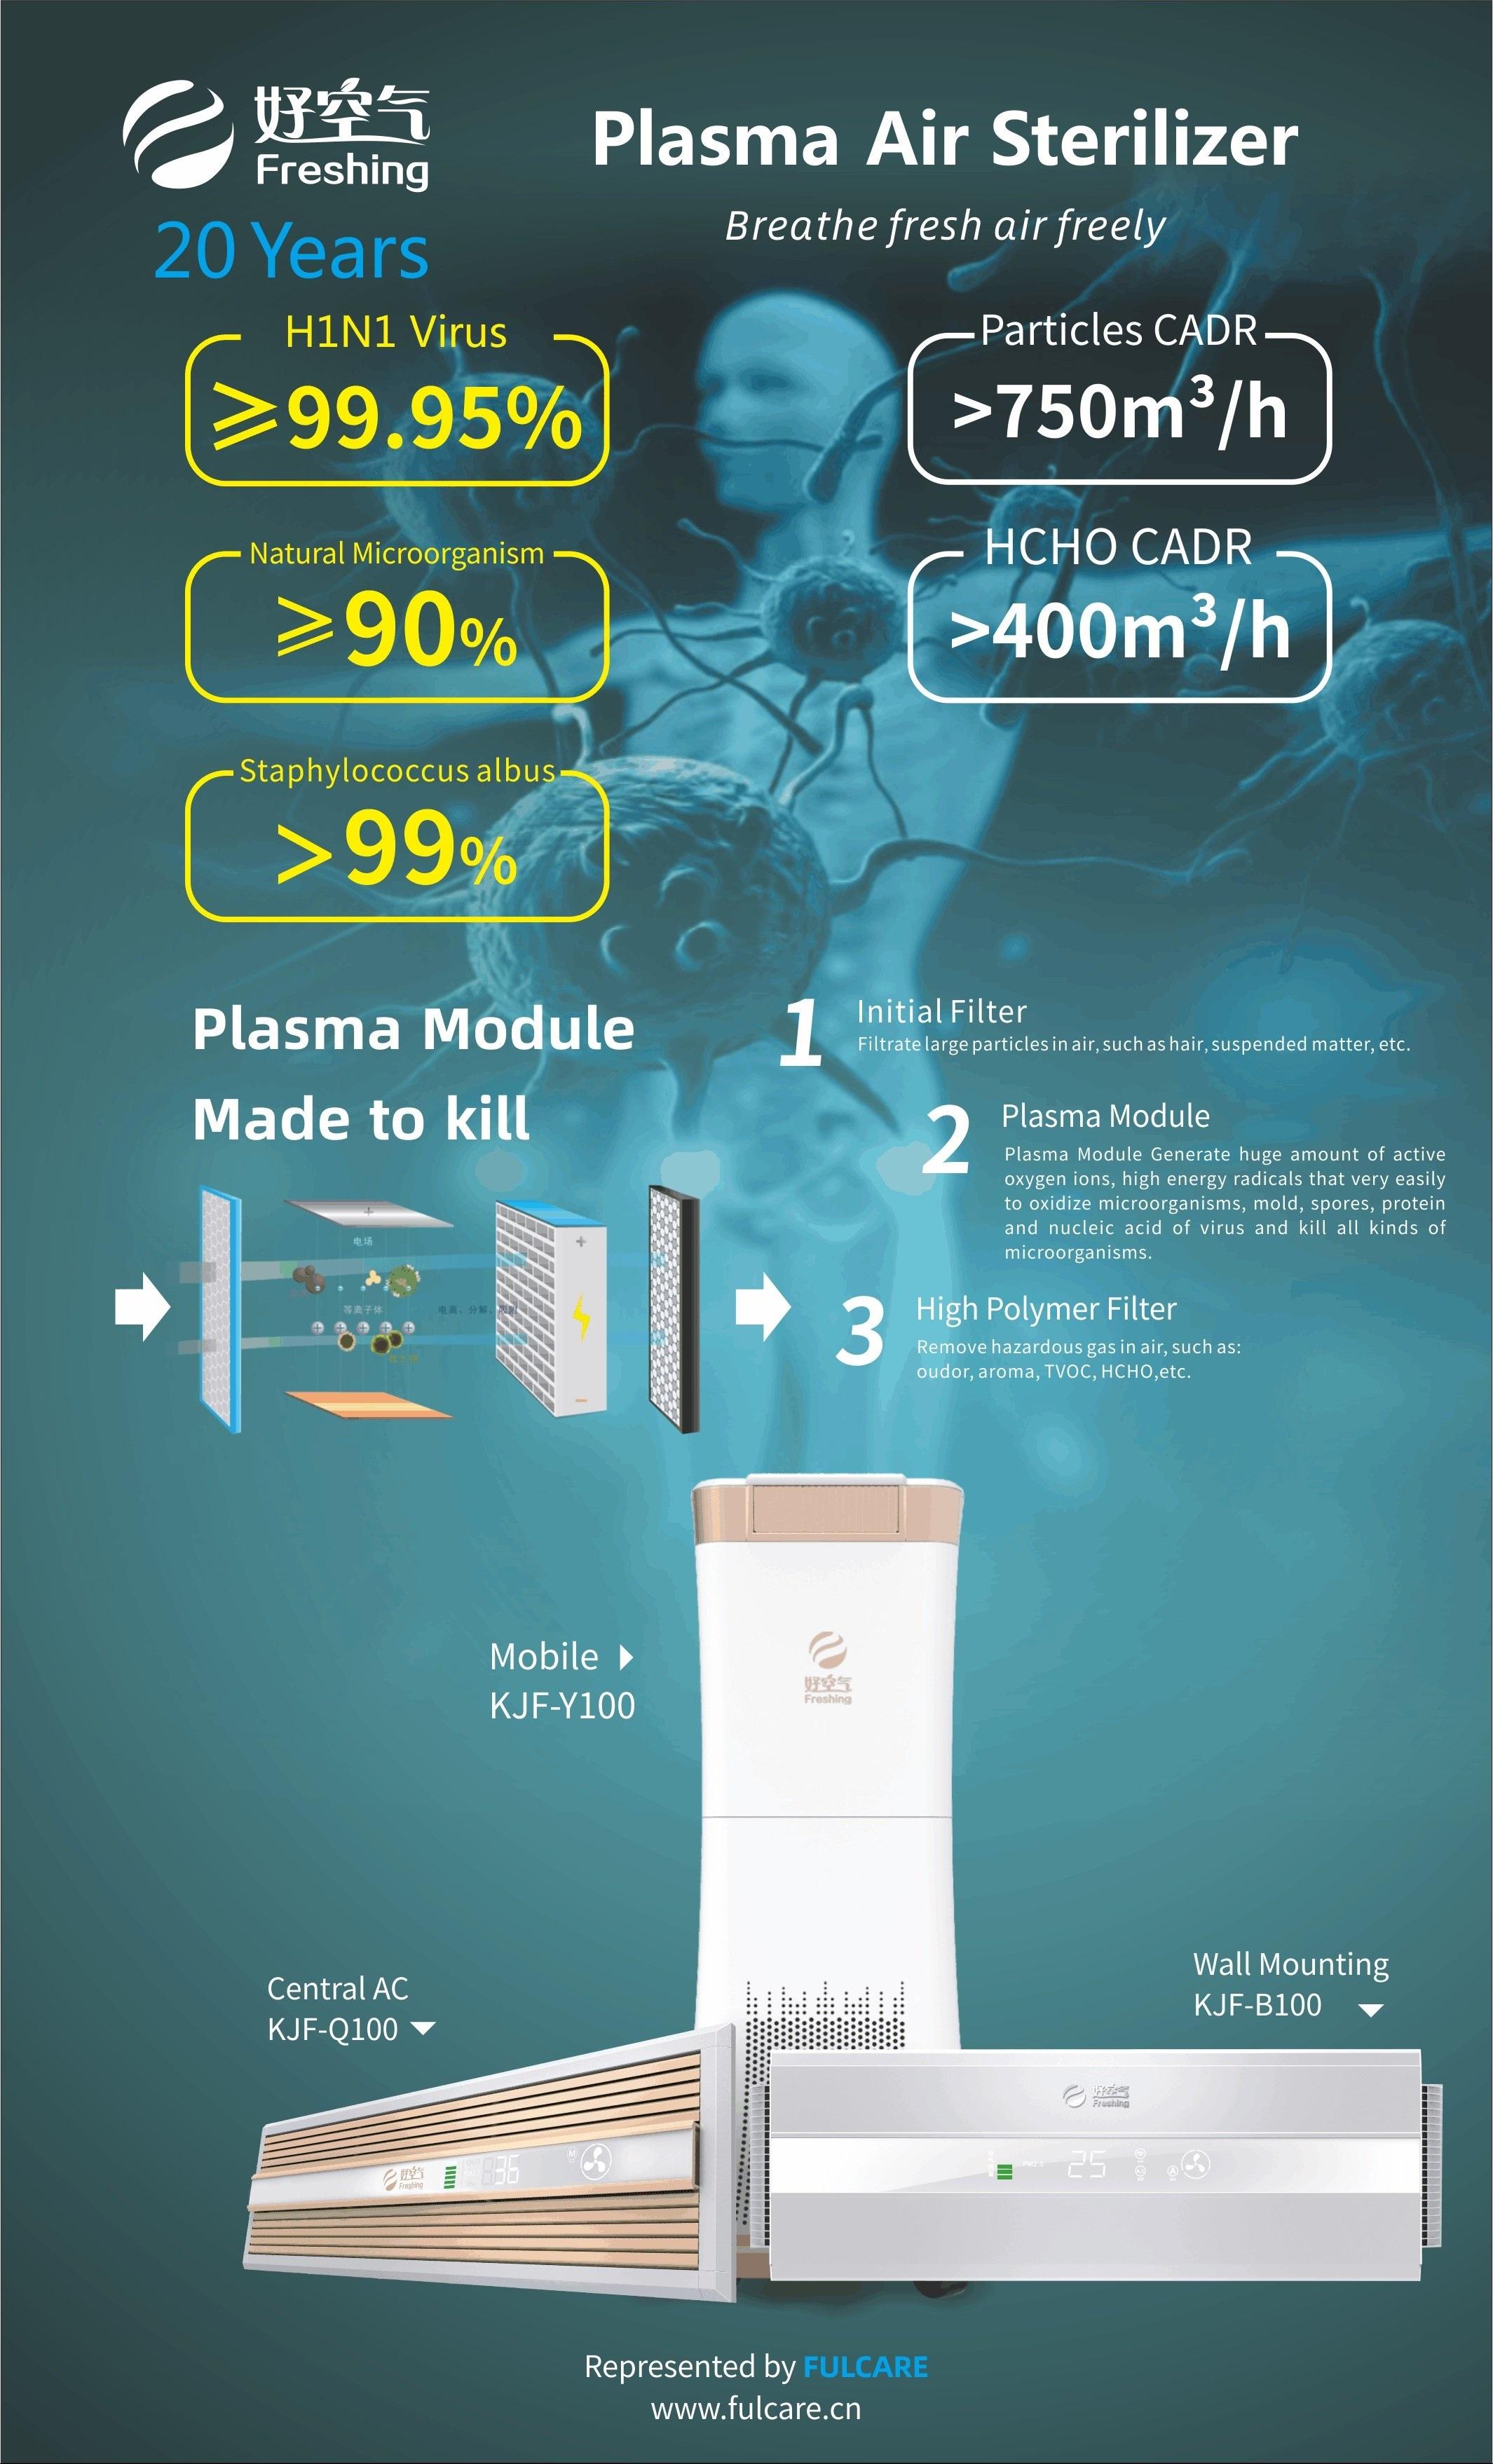 Thiết bị tiệt trùng không khí bằng công nghệ Plasma để cung cấp không khí trong lành nhằm bảo vệ cho con người trong thời gian đại dịch Covid-19 đang diễn biến rất phức tạp; có thể kiểm soát dữ liệu t